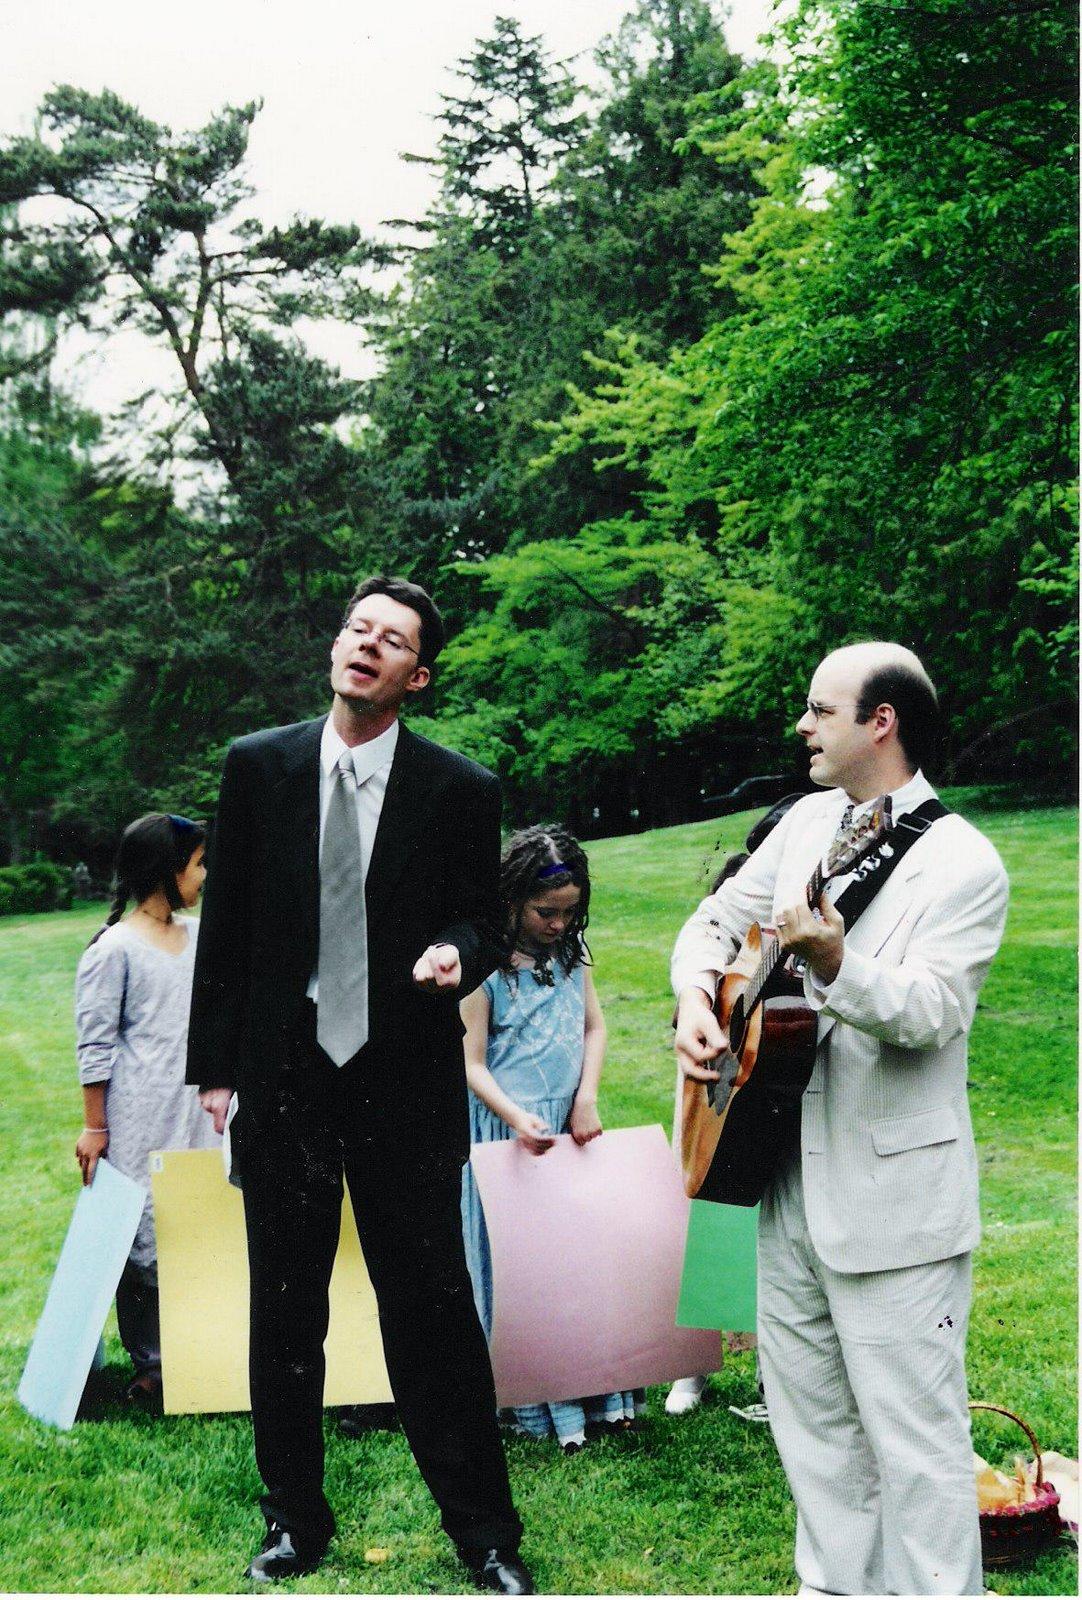 [John+D+&+Jay+@+F&J's+wedding]